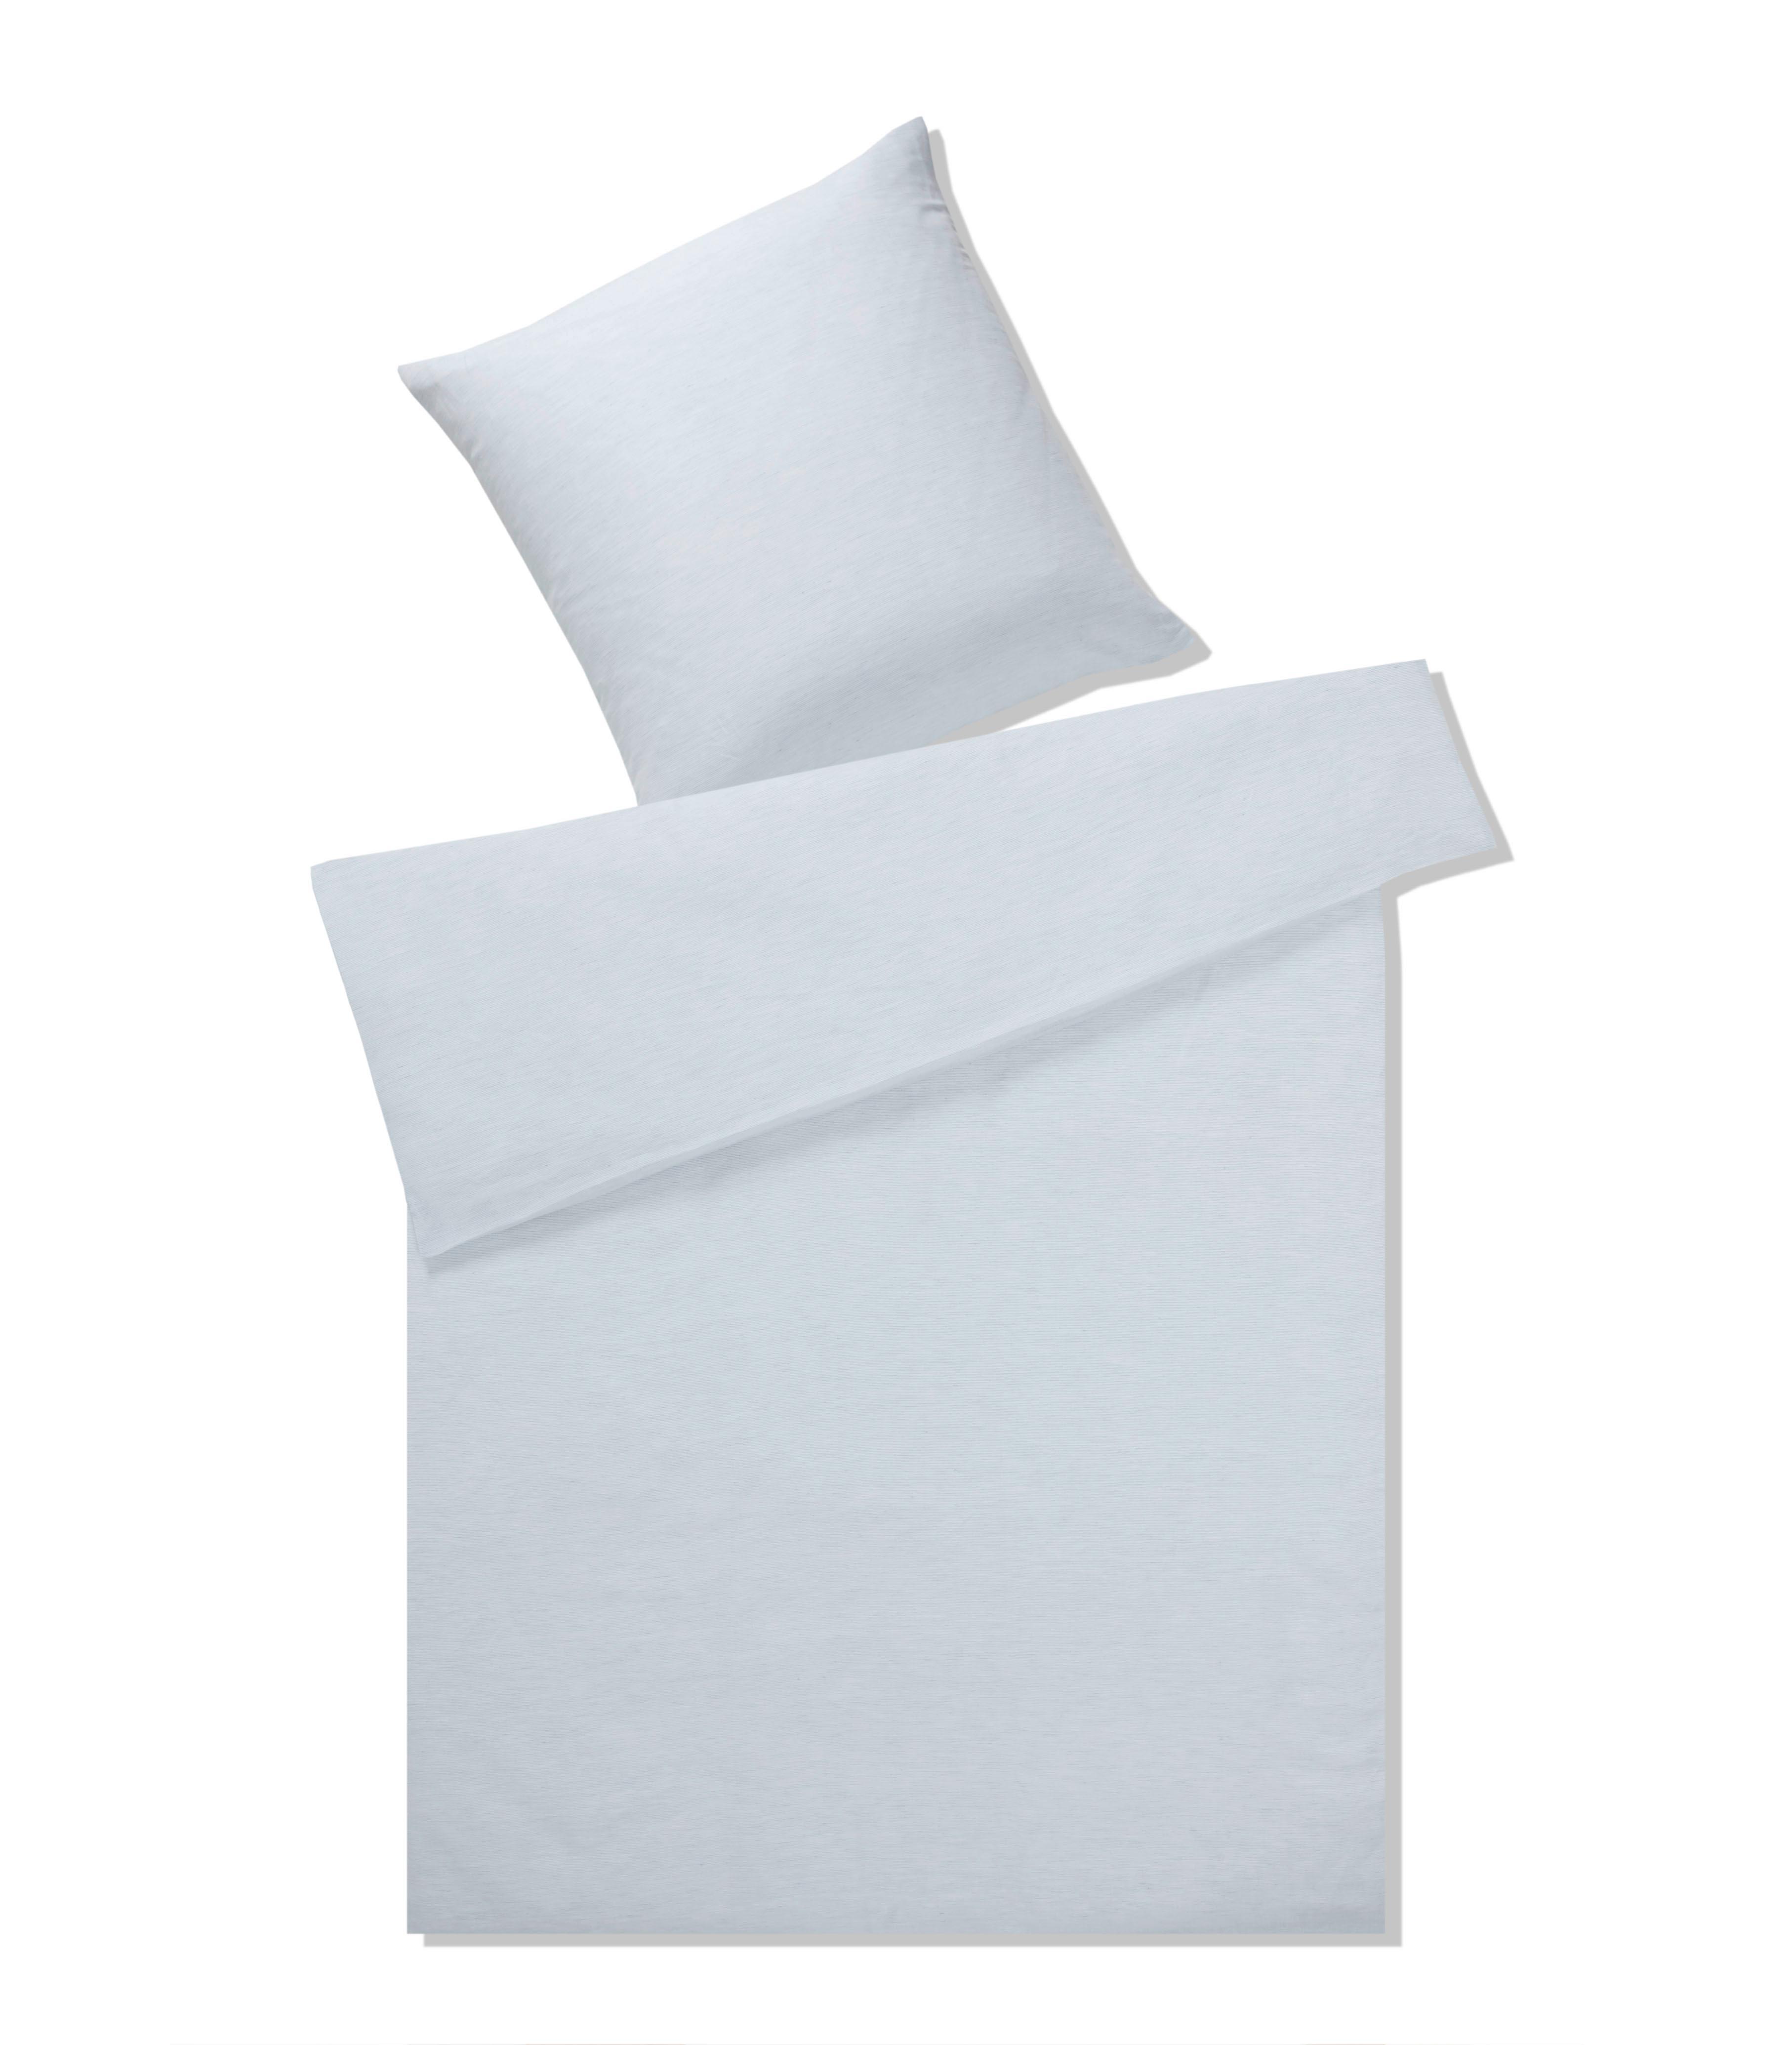 leinen bettw sche schlafzimmer grau wiemann wandtattoo selber malen bettw sche 200 x cm ikea. Black Bedroom Furniture Sets. Home Design Ideas